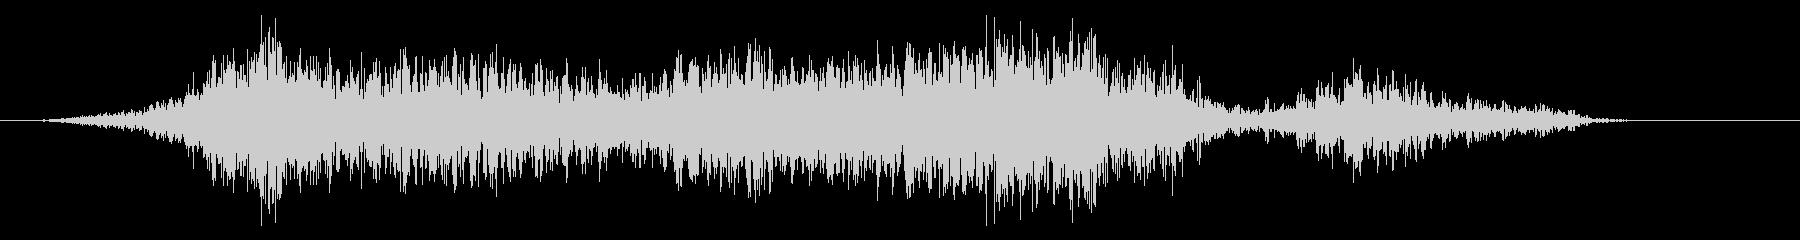 アニマルスティンガー;複数のライオ...の未再生の波形